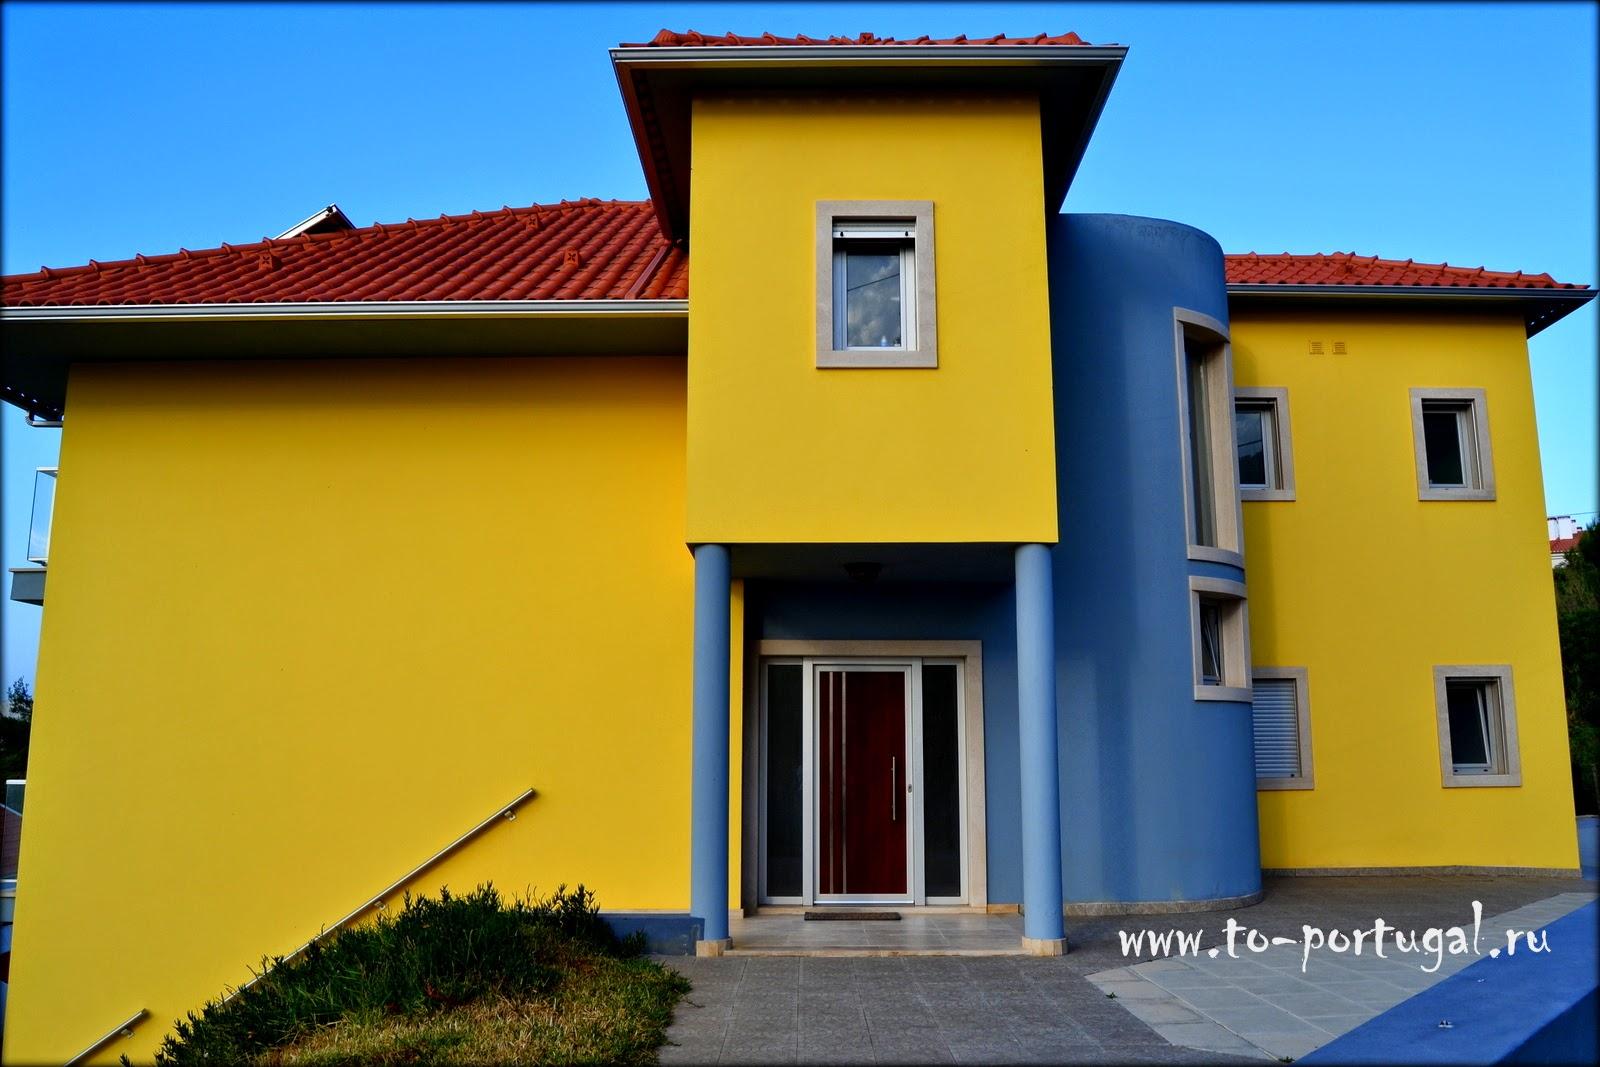 португальская недвижимость